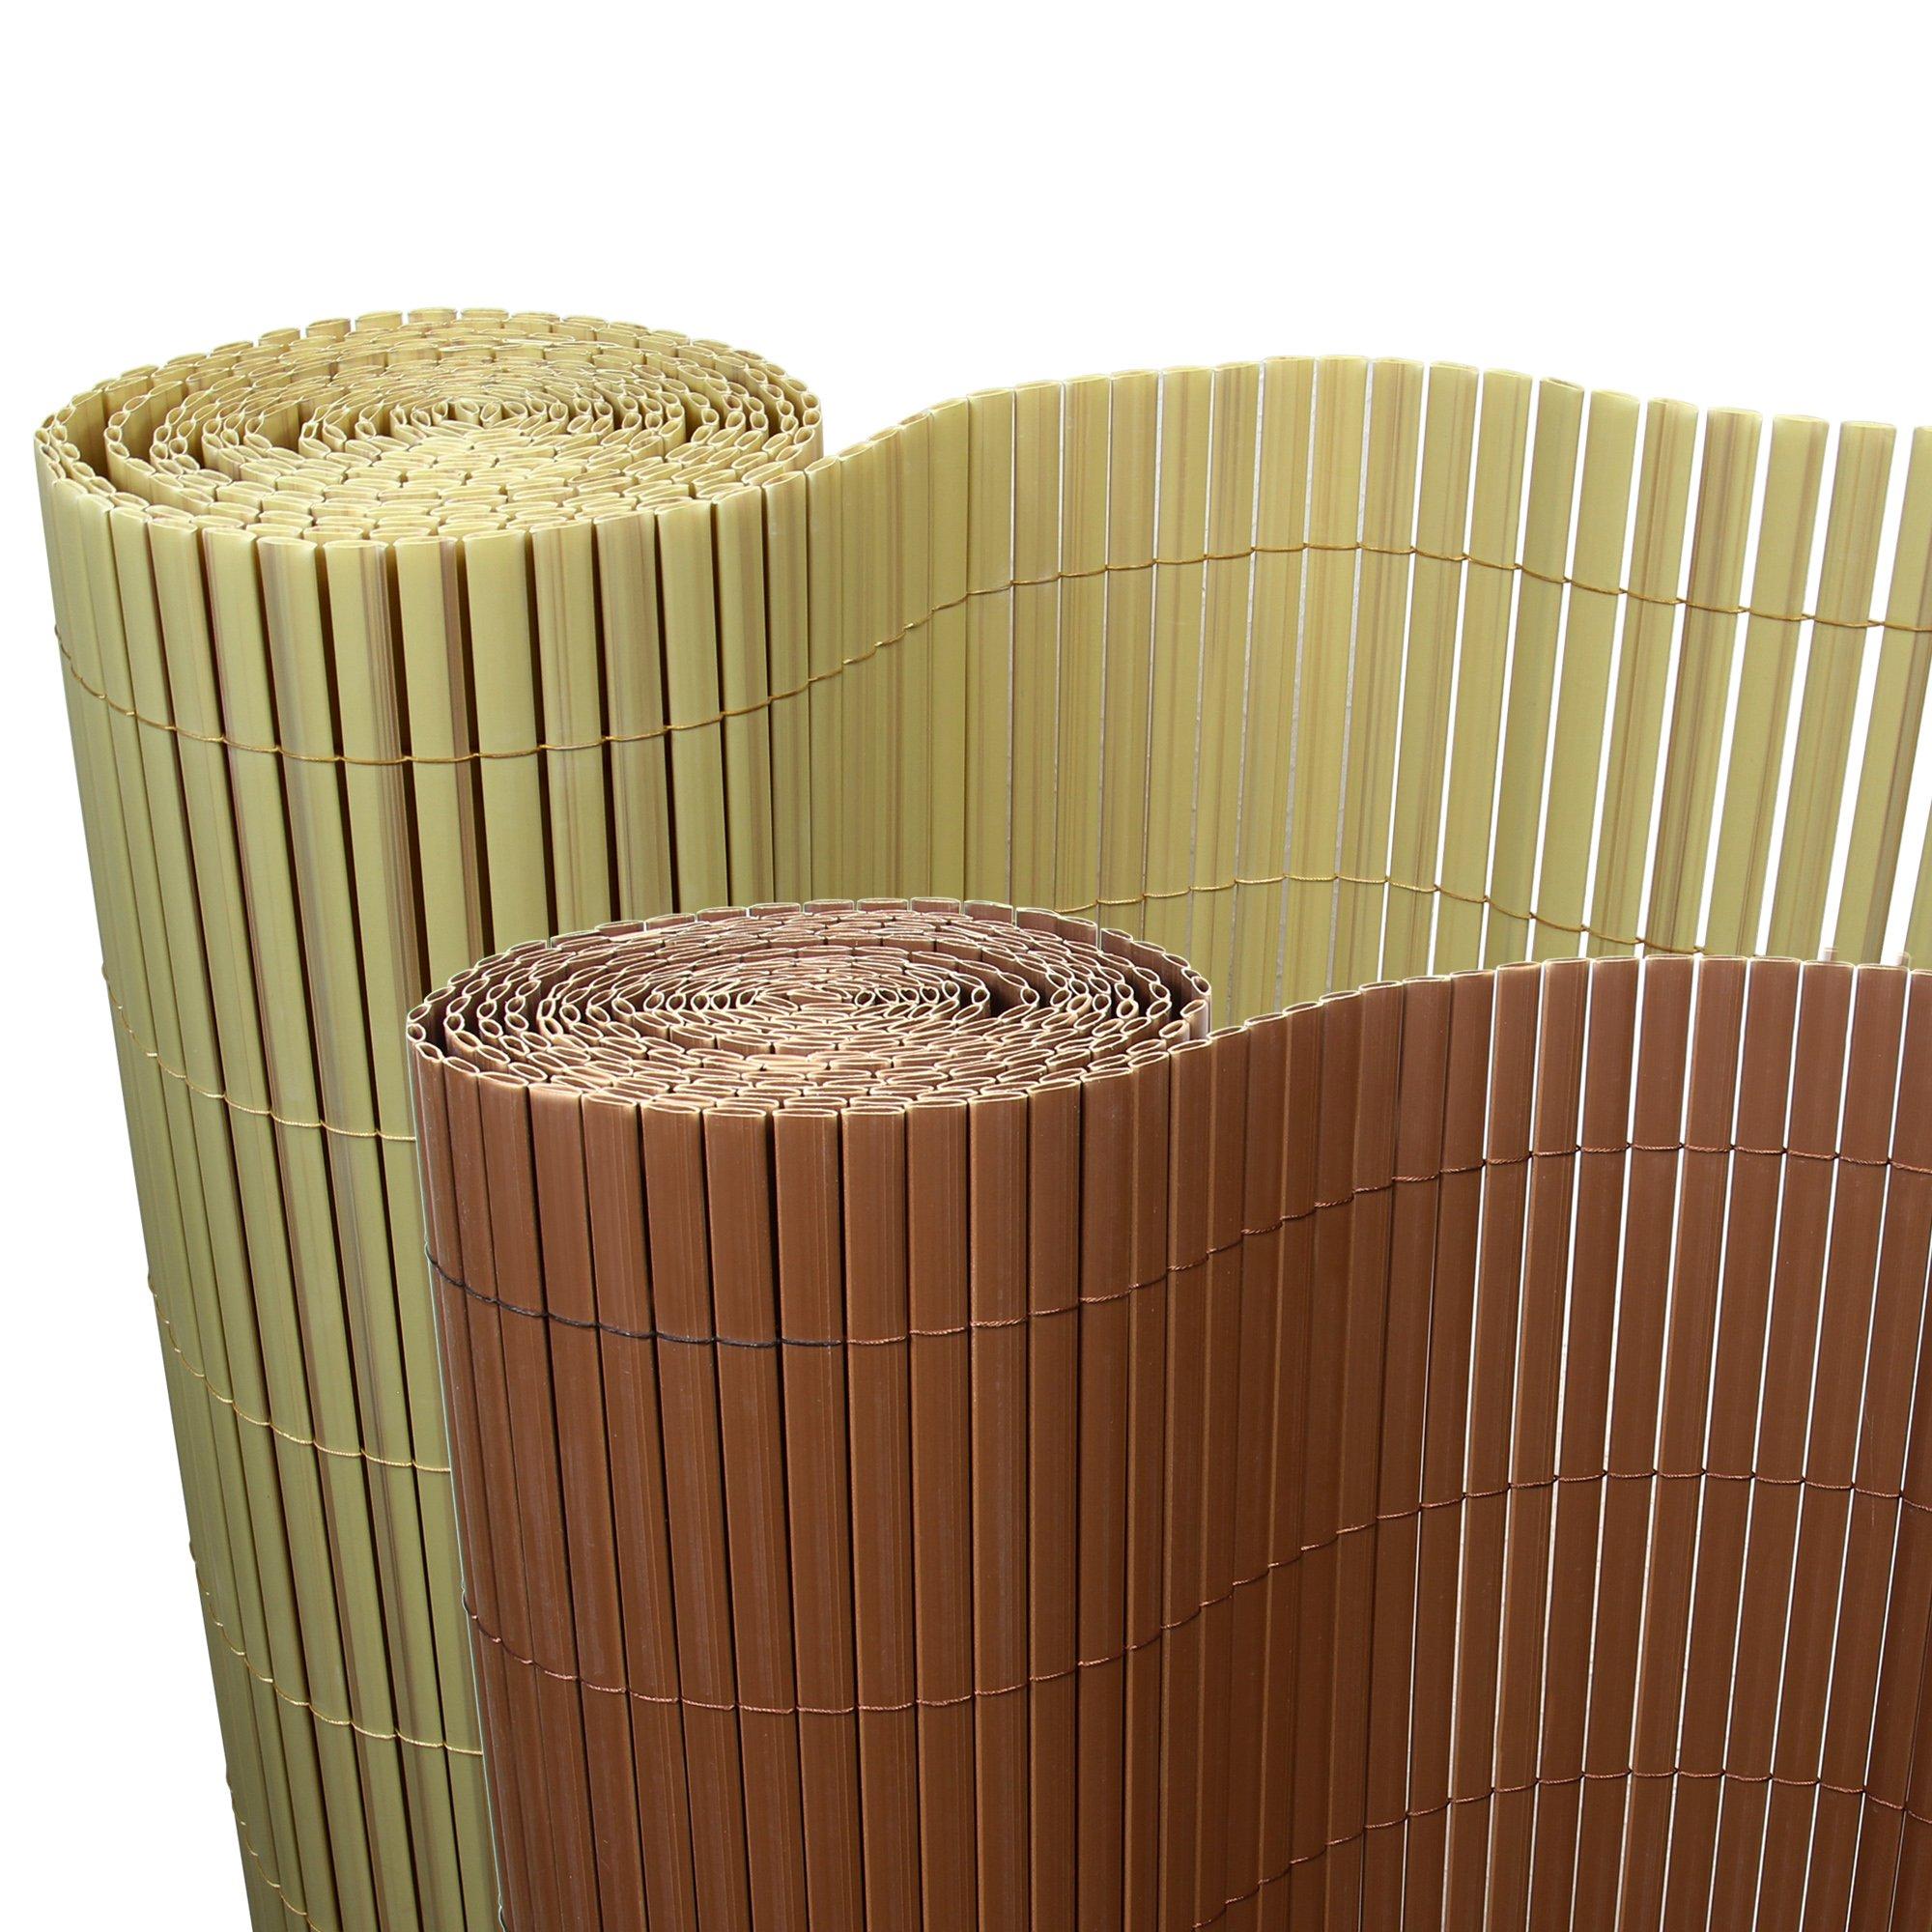 Amazon De Rapid Teck 5 M Pvc Bambus Sichtschutzmatte 100cm X